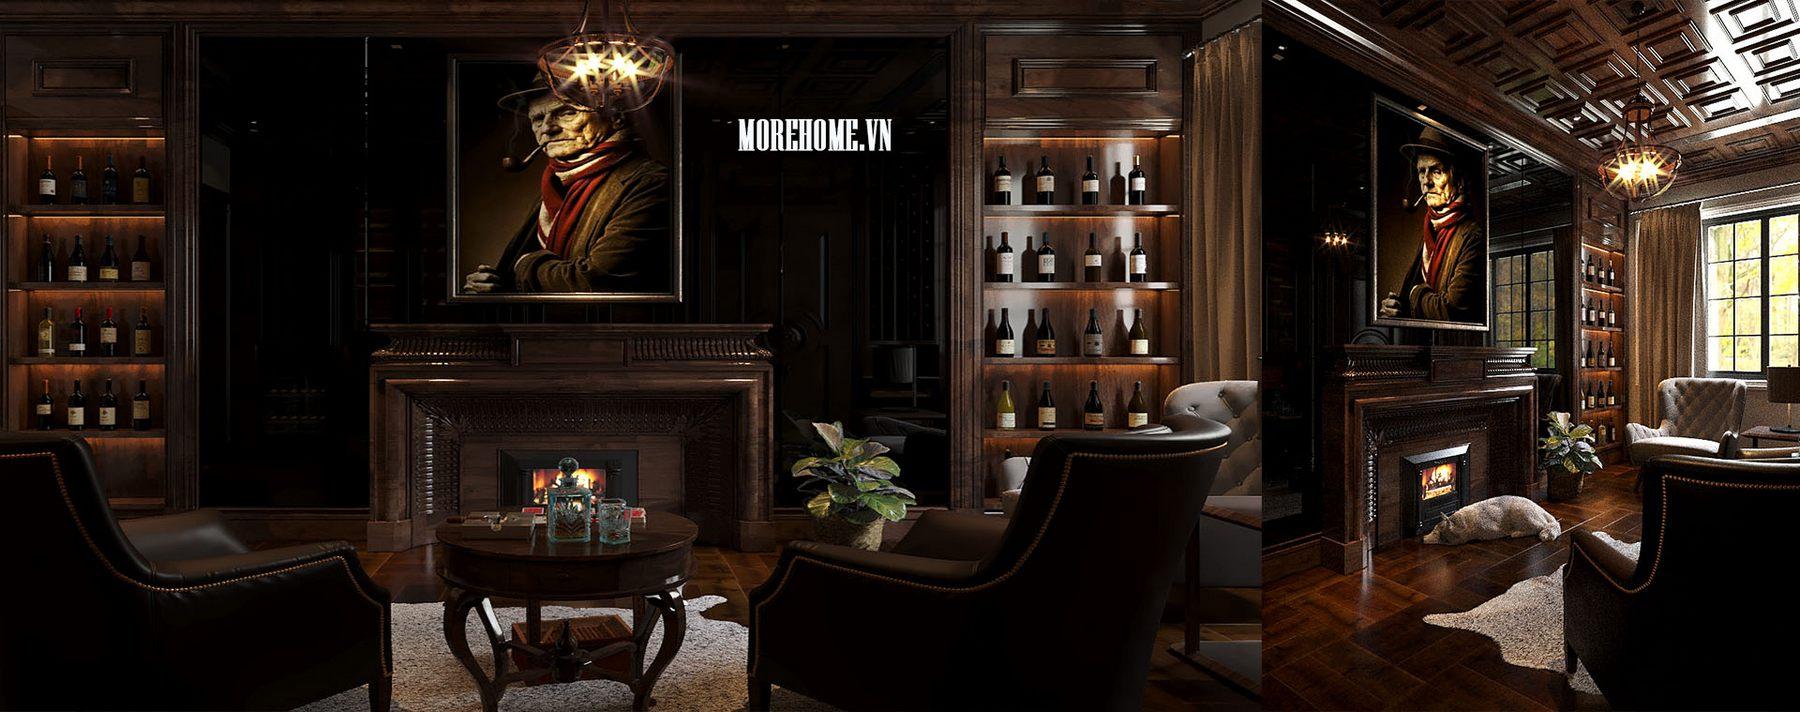 Thiết kế nội thất biệt thự SPLENDORA - Bắc An Khánh, Hoài Đức, Hà Nội